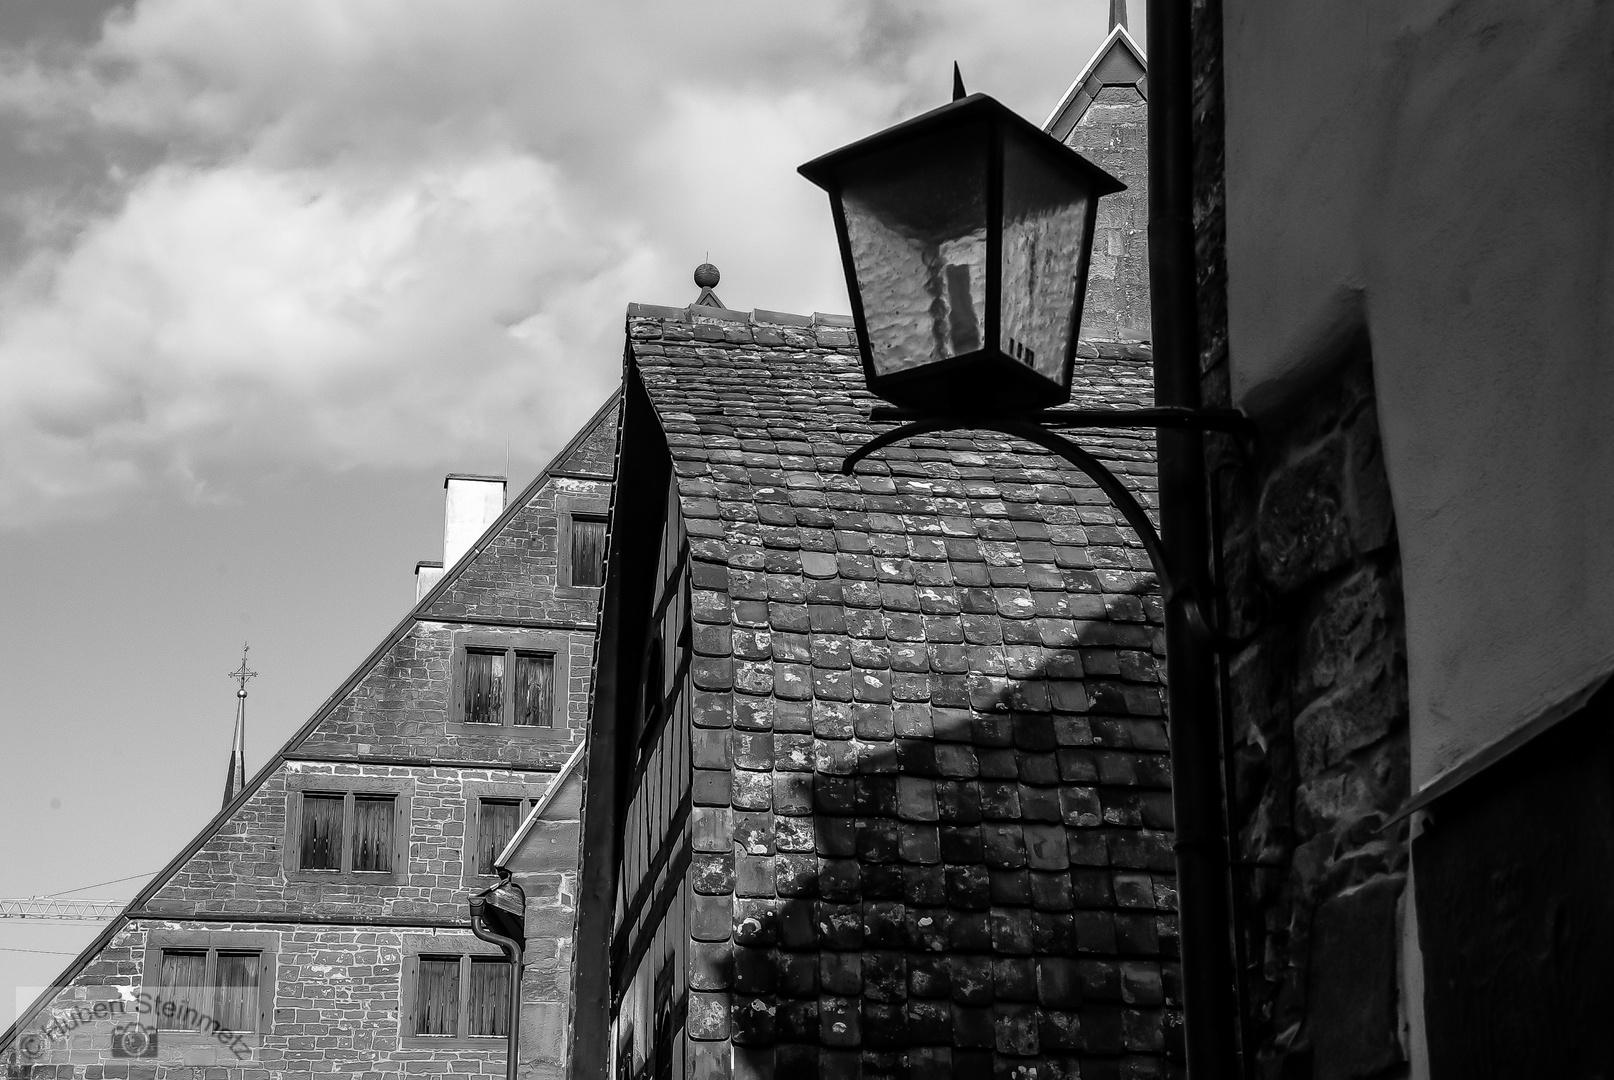 Kloster Maulbronn in schwarz/weiß